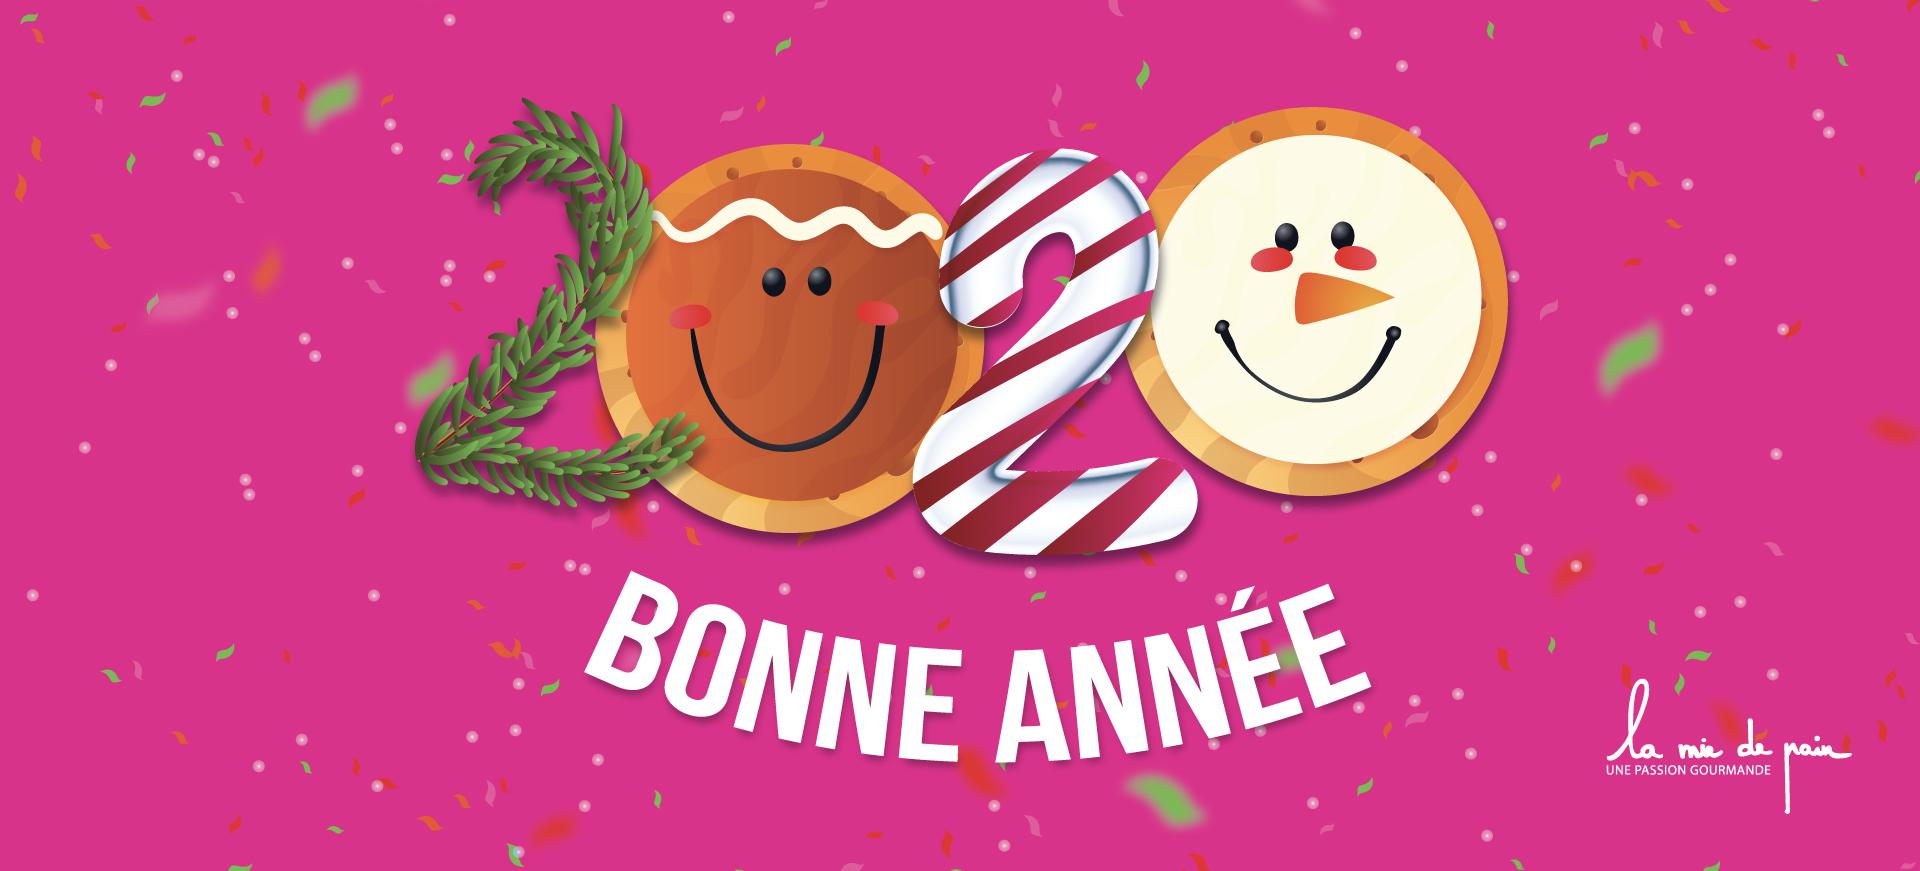 Bonne-année-2020-bonne-annee-lamiedepain-boulangerie-2020-1920x871px